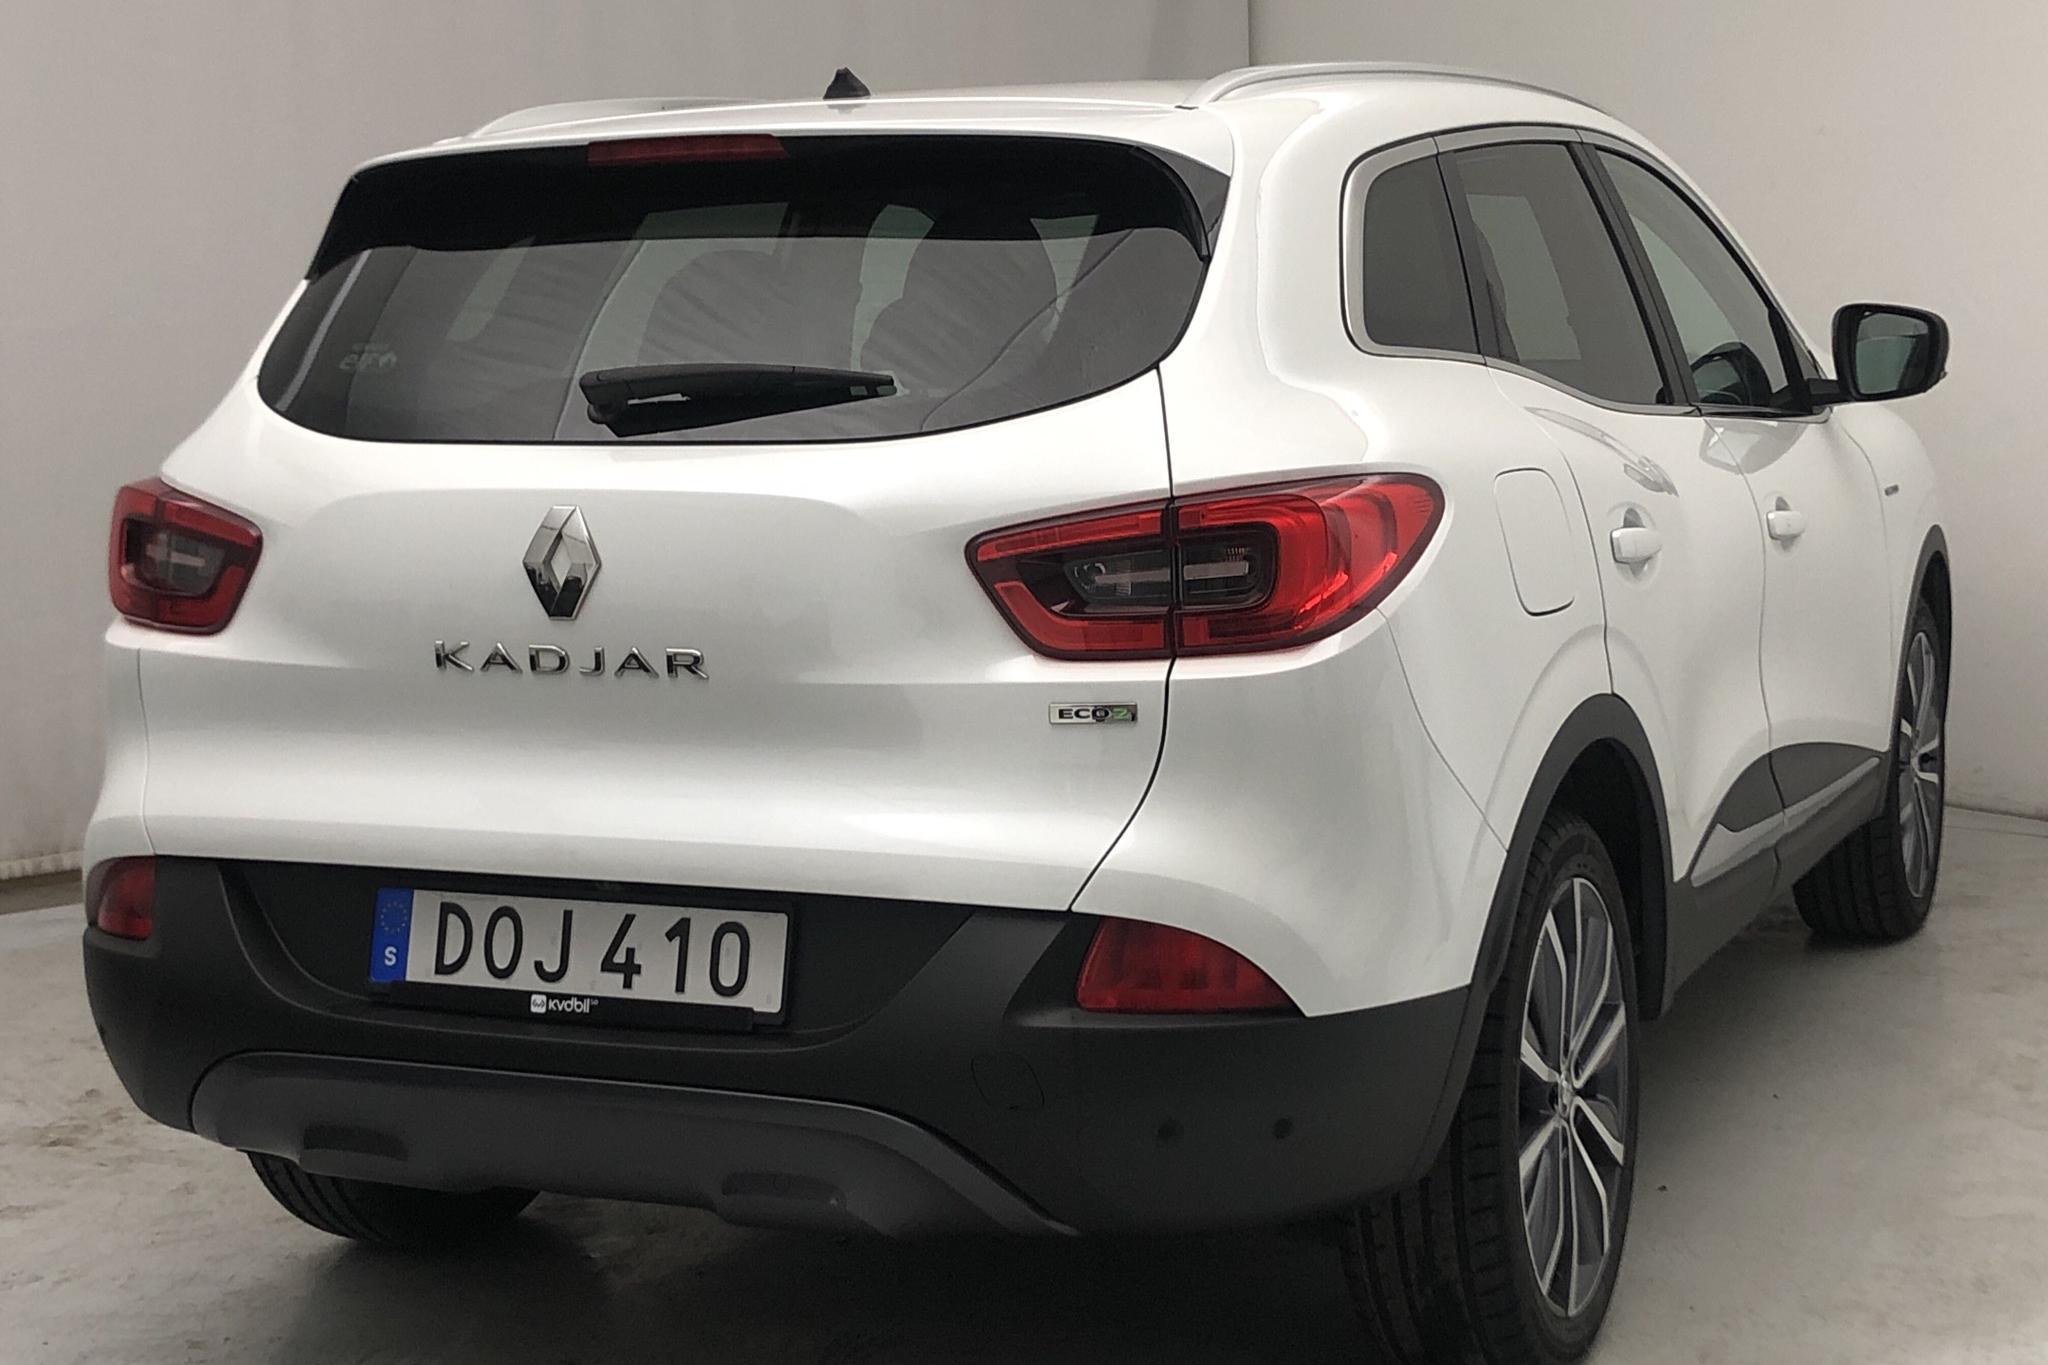 Renault Kadjar 1.5 dCi (110hk) - 9 508 mil - Automat - vit - 2016